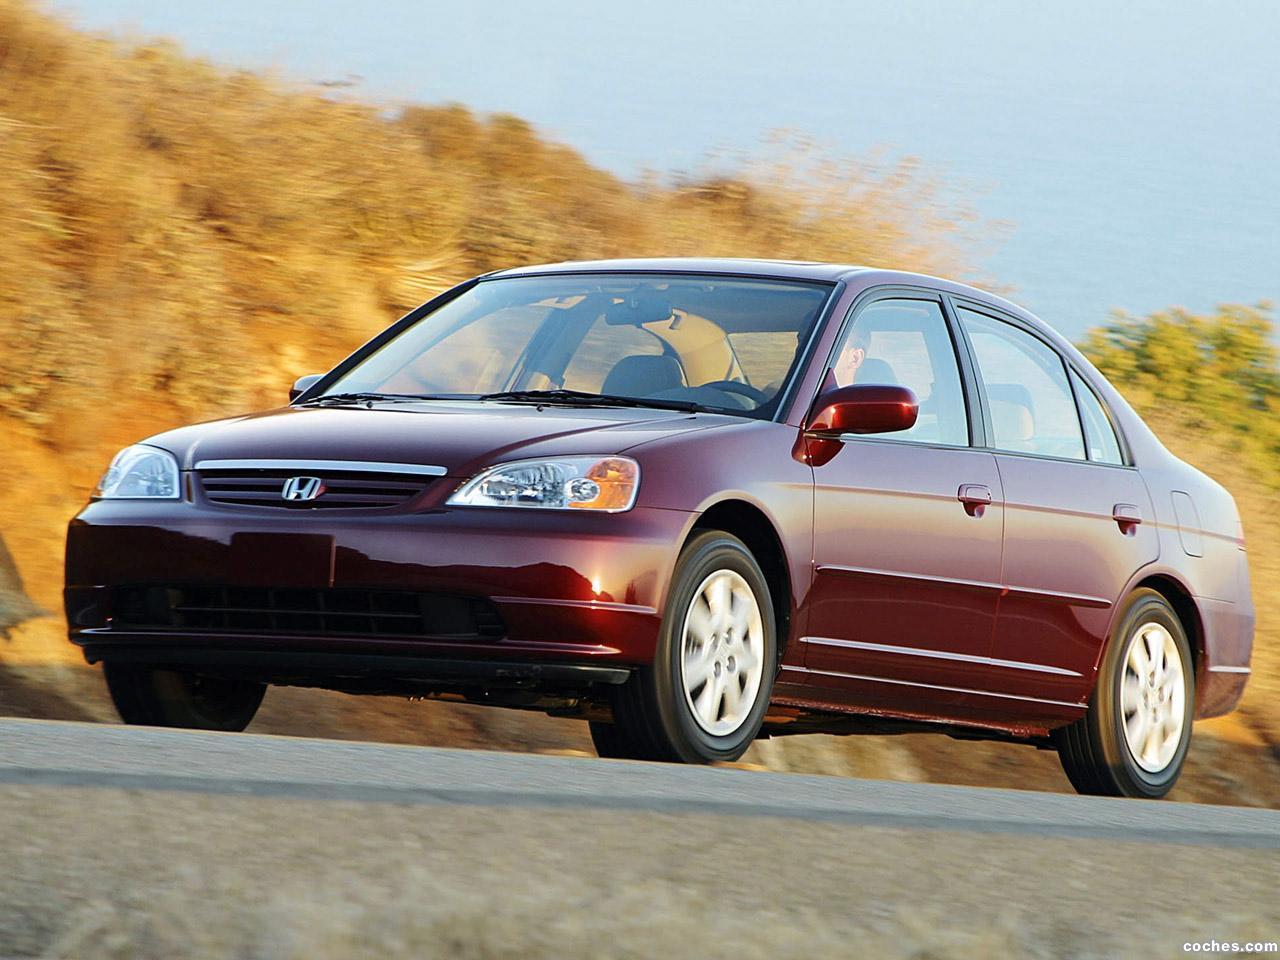 honda_civic-sedan-usa-2001-03_r6.jpg